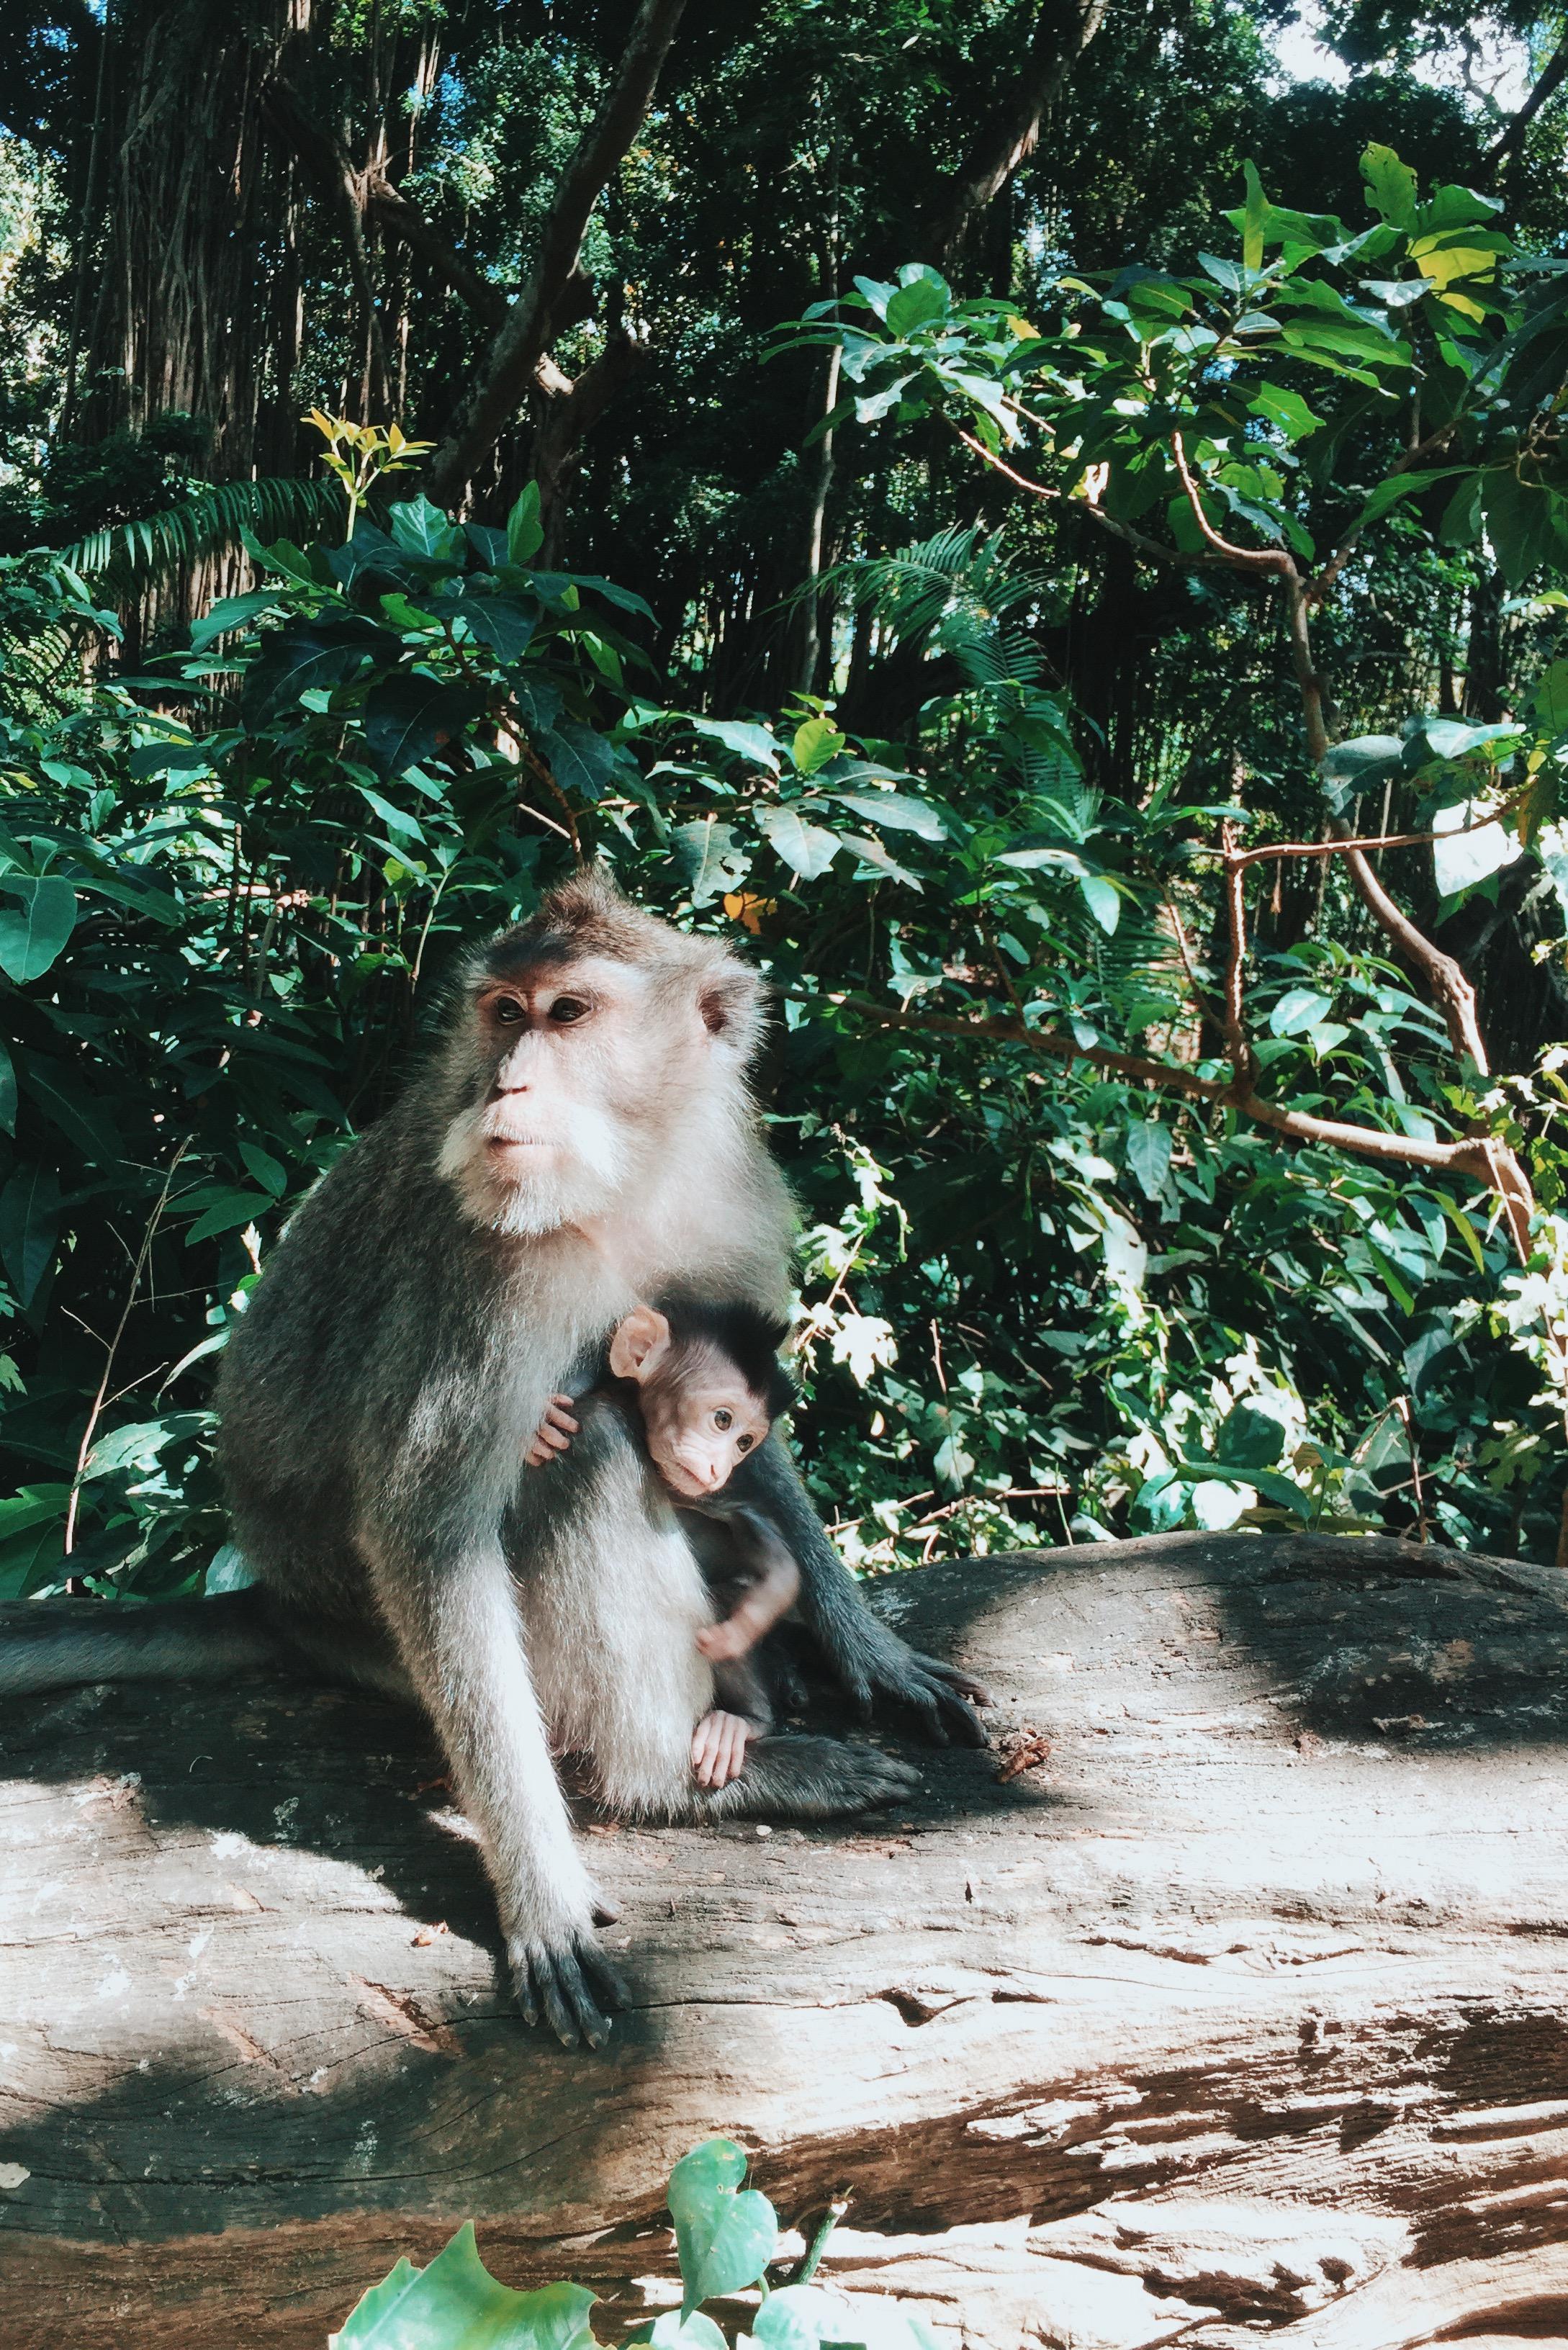 Sacred Monkey Forest,  Jl. Monkey Forest, Ubud, Kabupaten Gianyar, Bali 80571, Indonesia